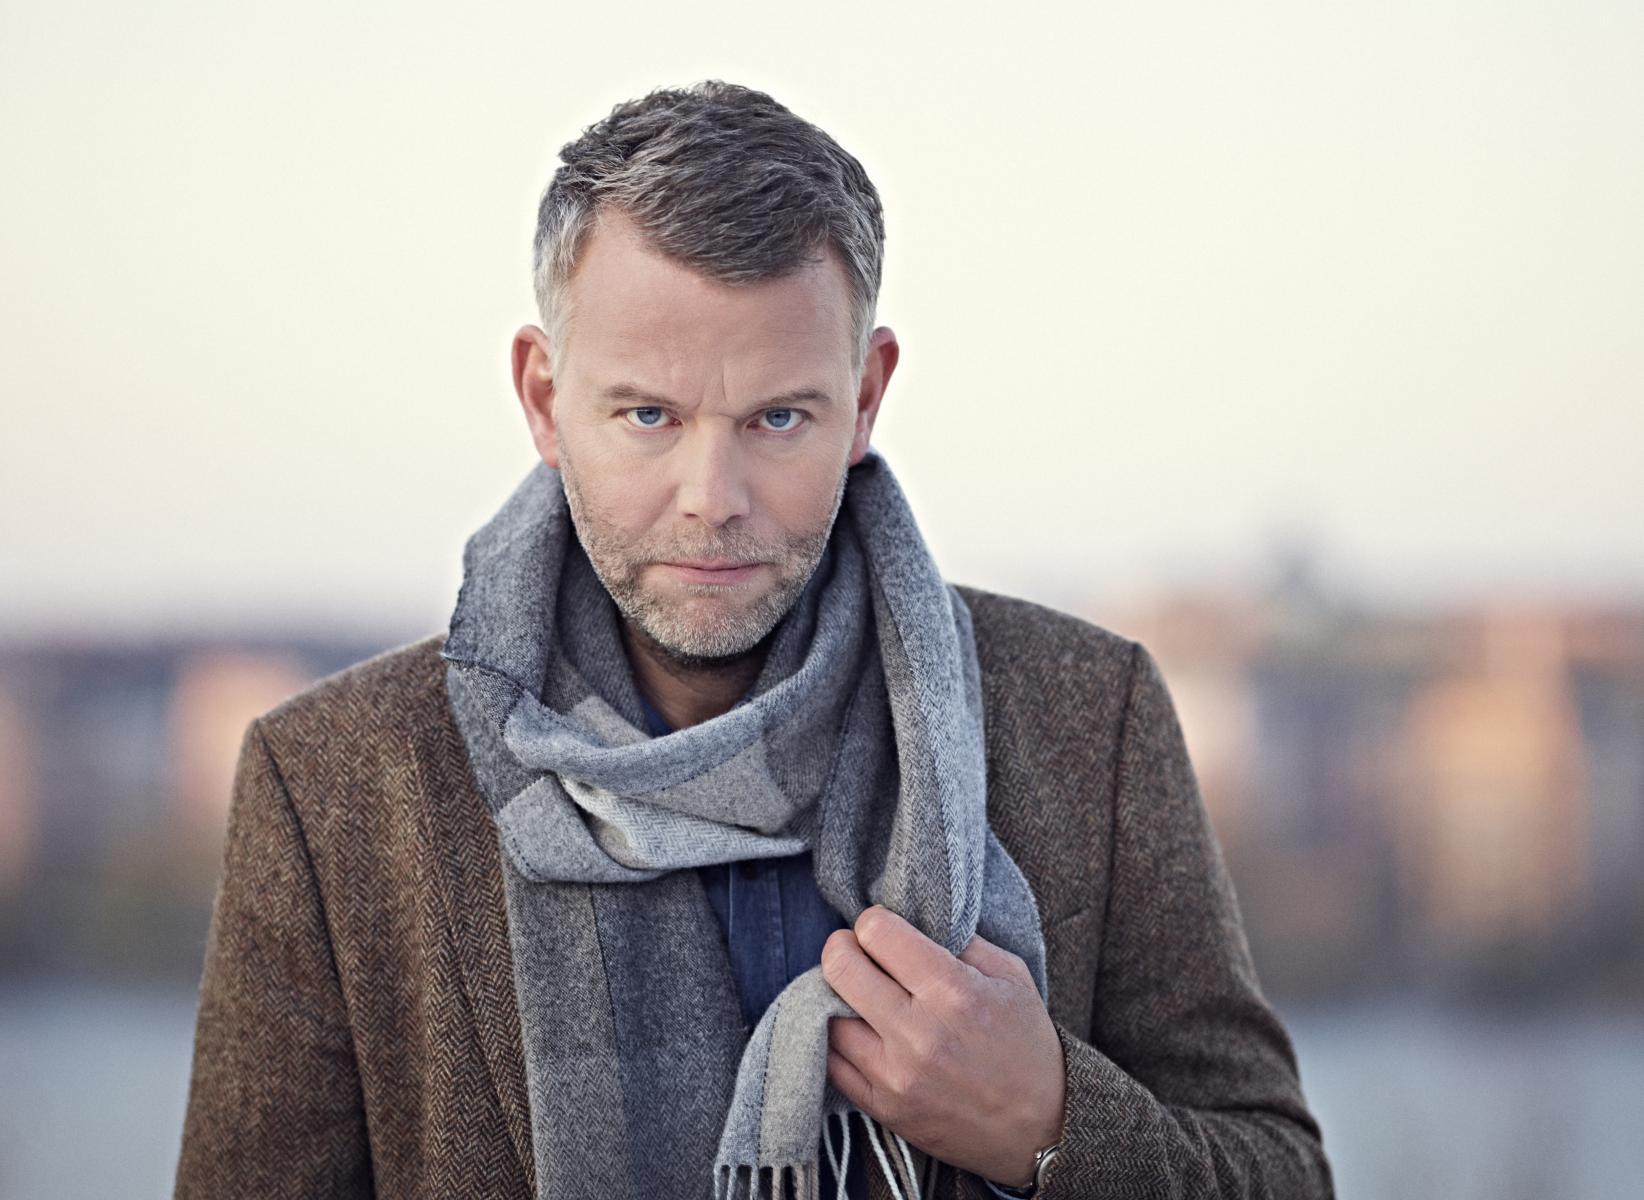 Arne Dahl Mediathek